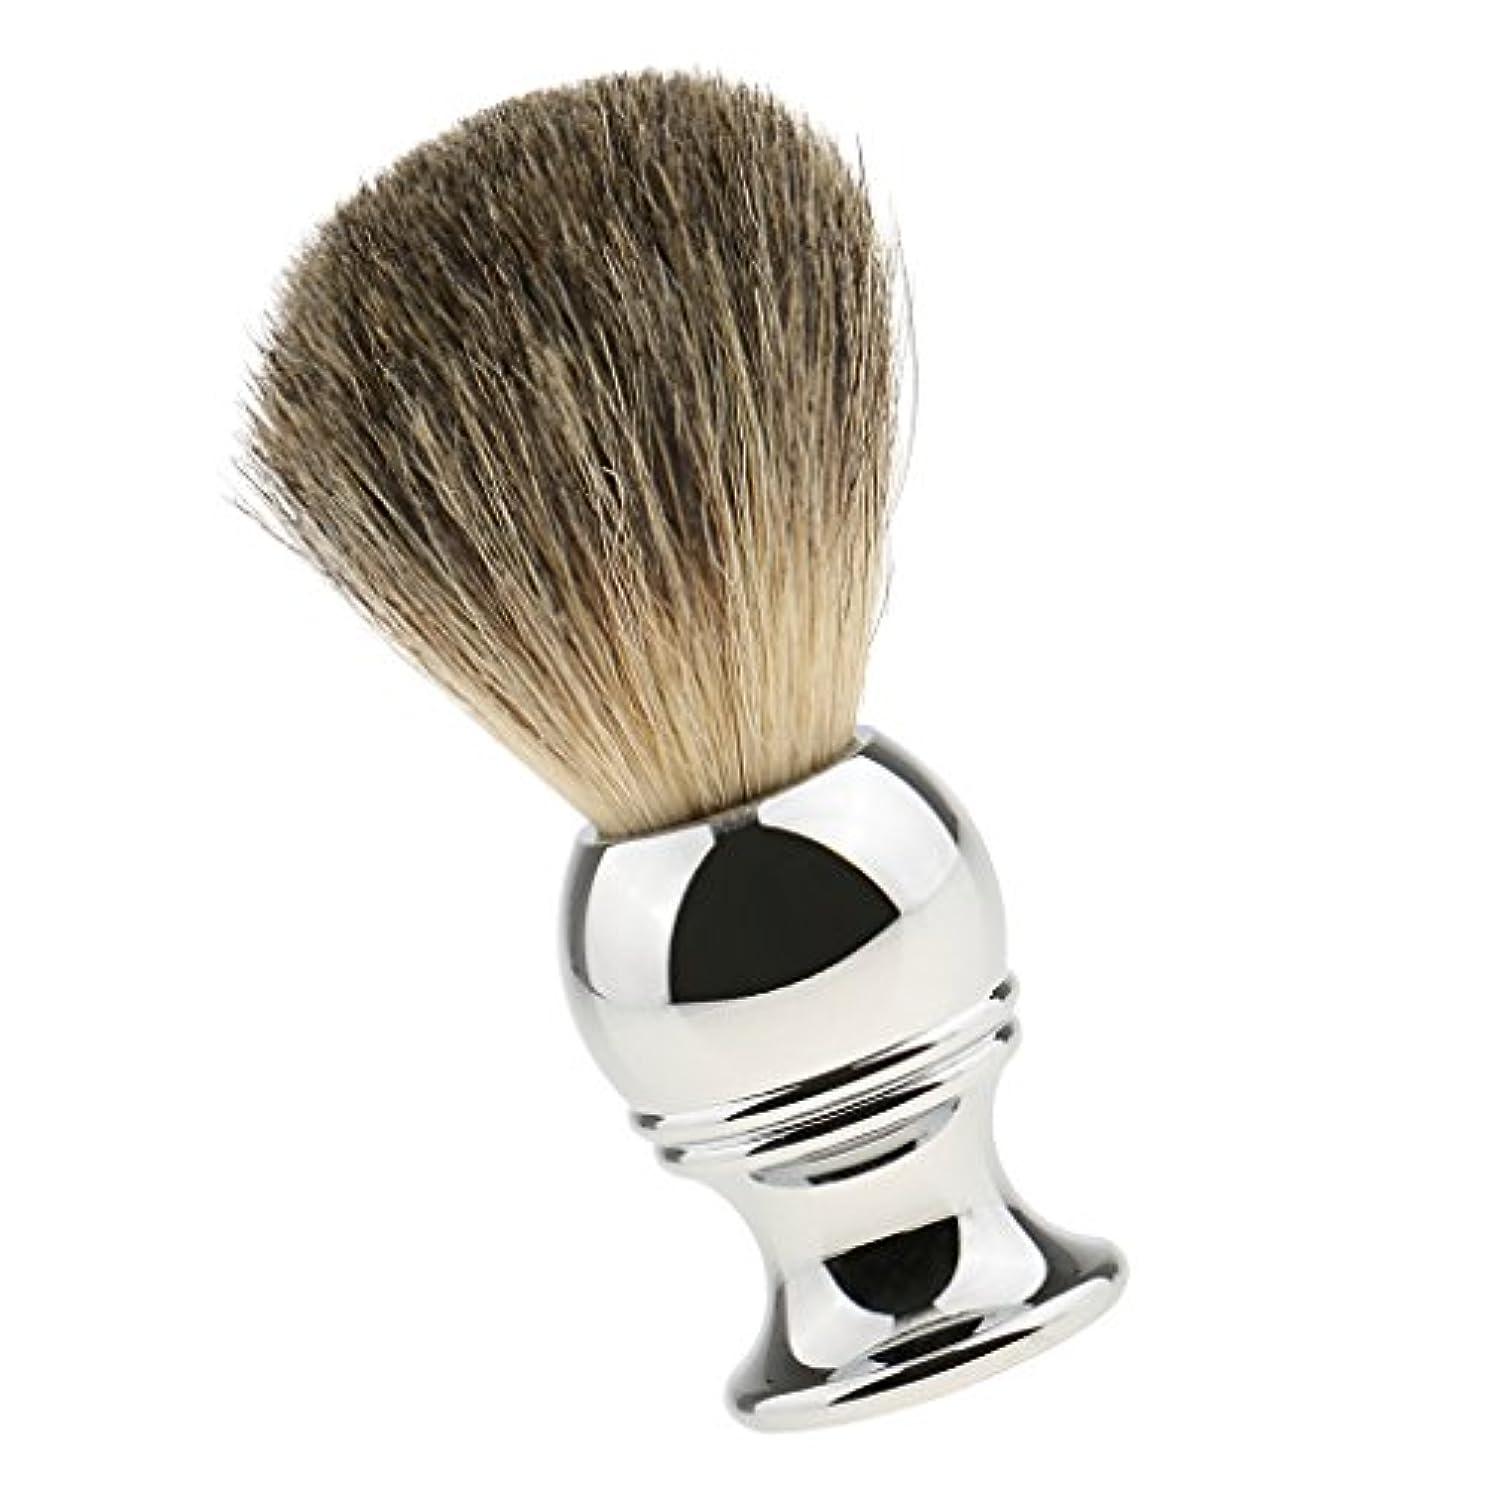 絶えず層植木男性用 高密度 シェービングブラシ ロングハンドル 髭剃り 洗顔 ブラシ シェーブツール